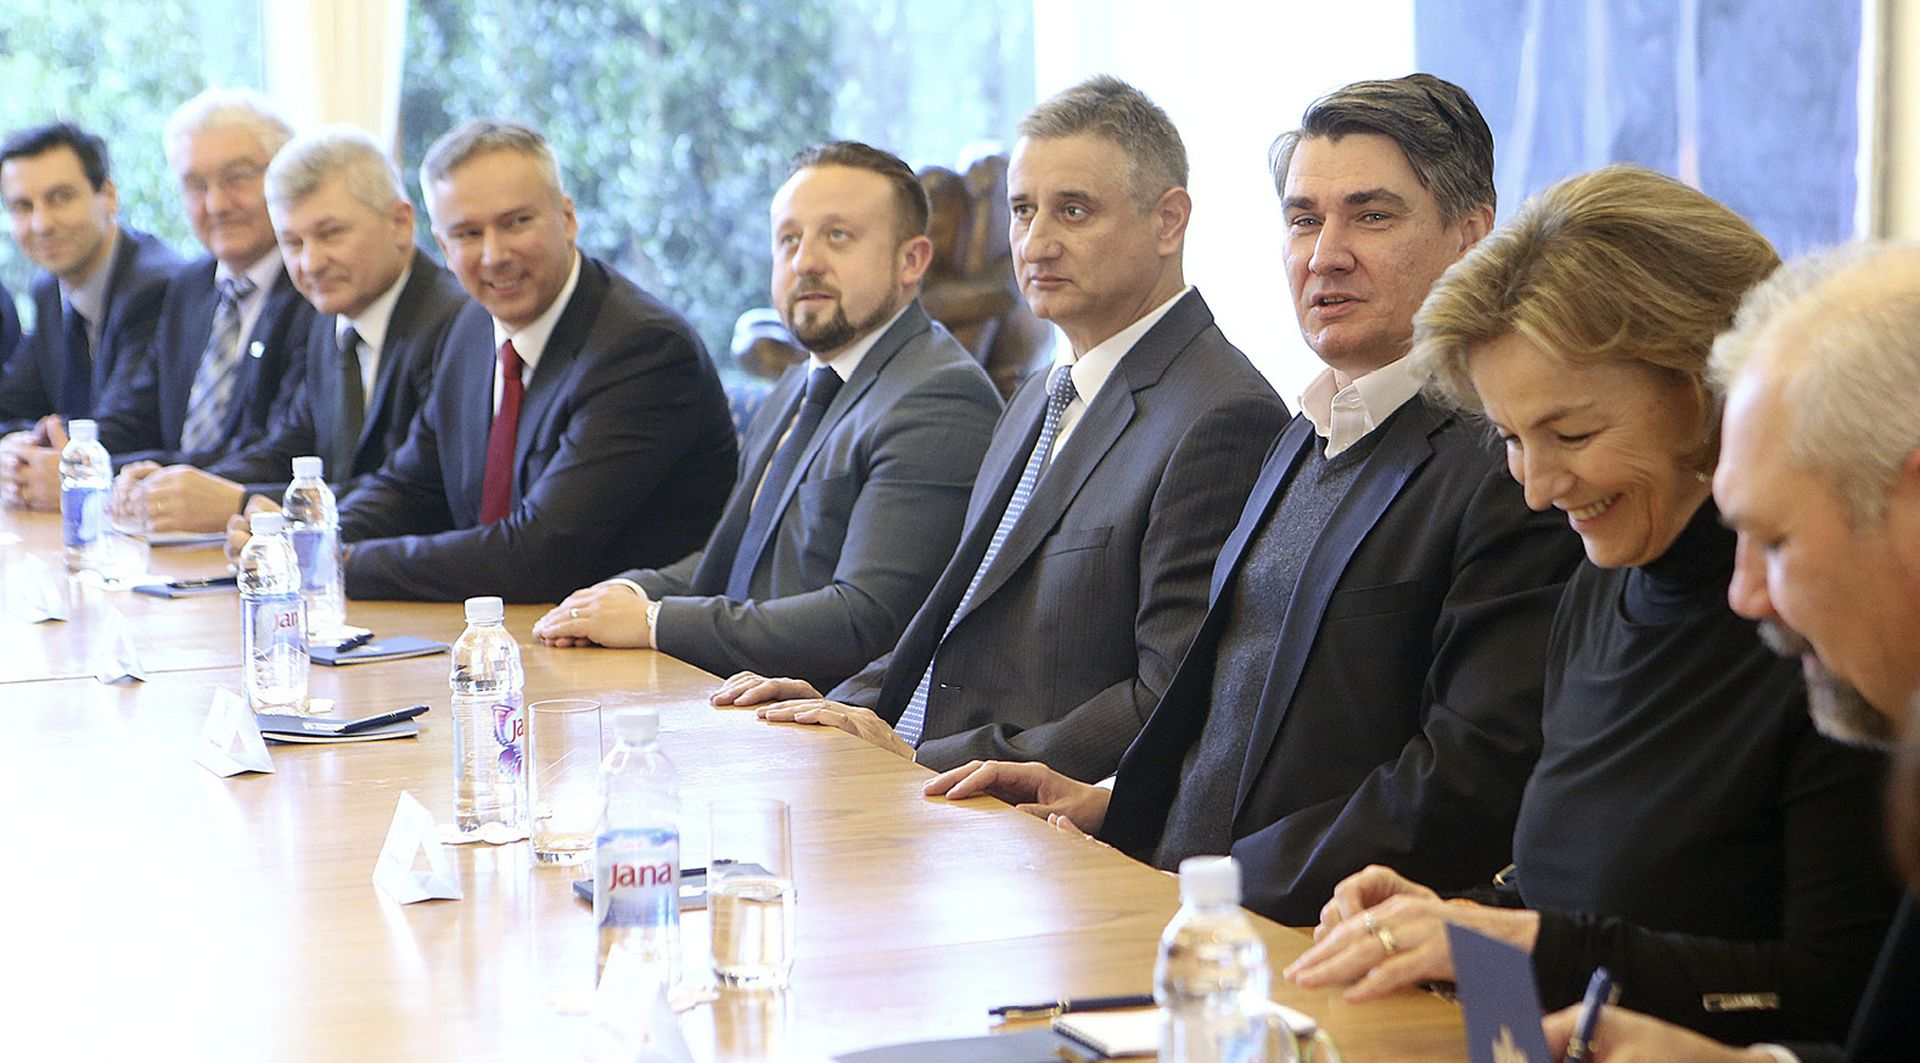 Karamarko otvoren za suradnju s HNS-om da učvrsti vladu i oslabi Milanovića